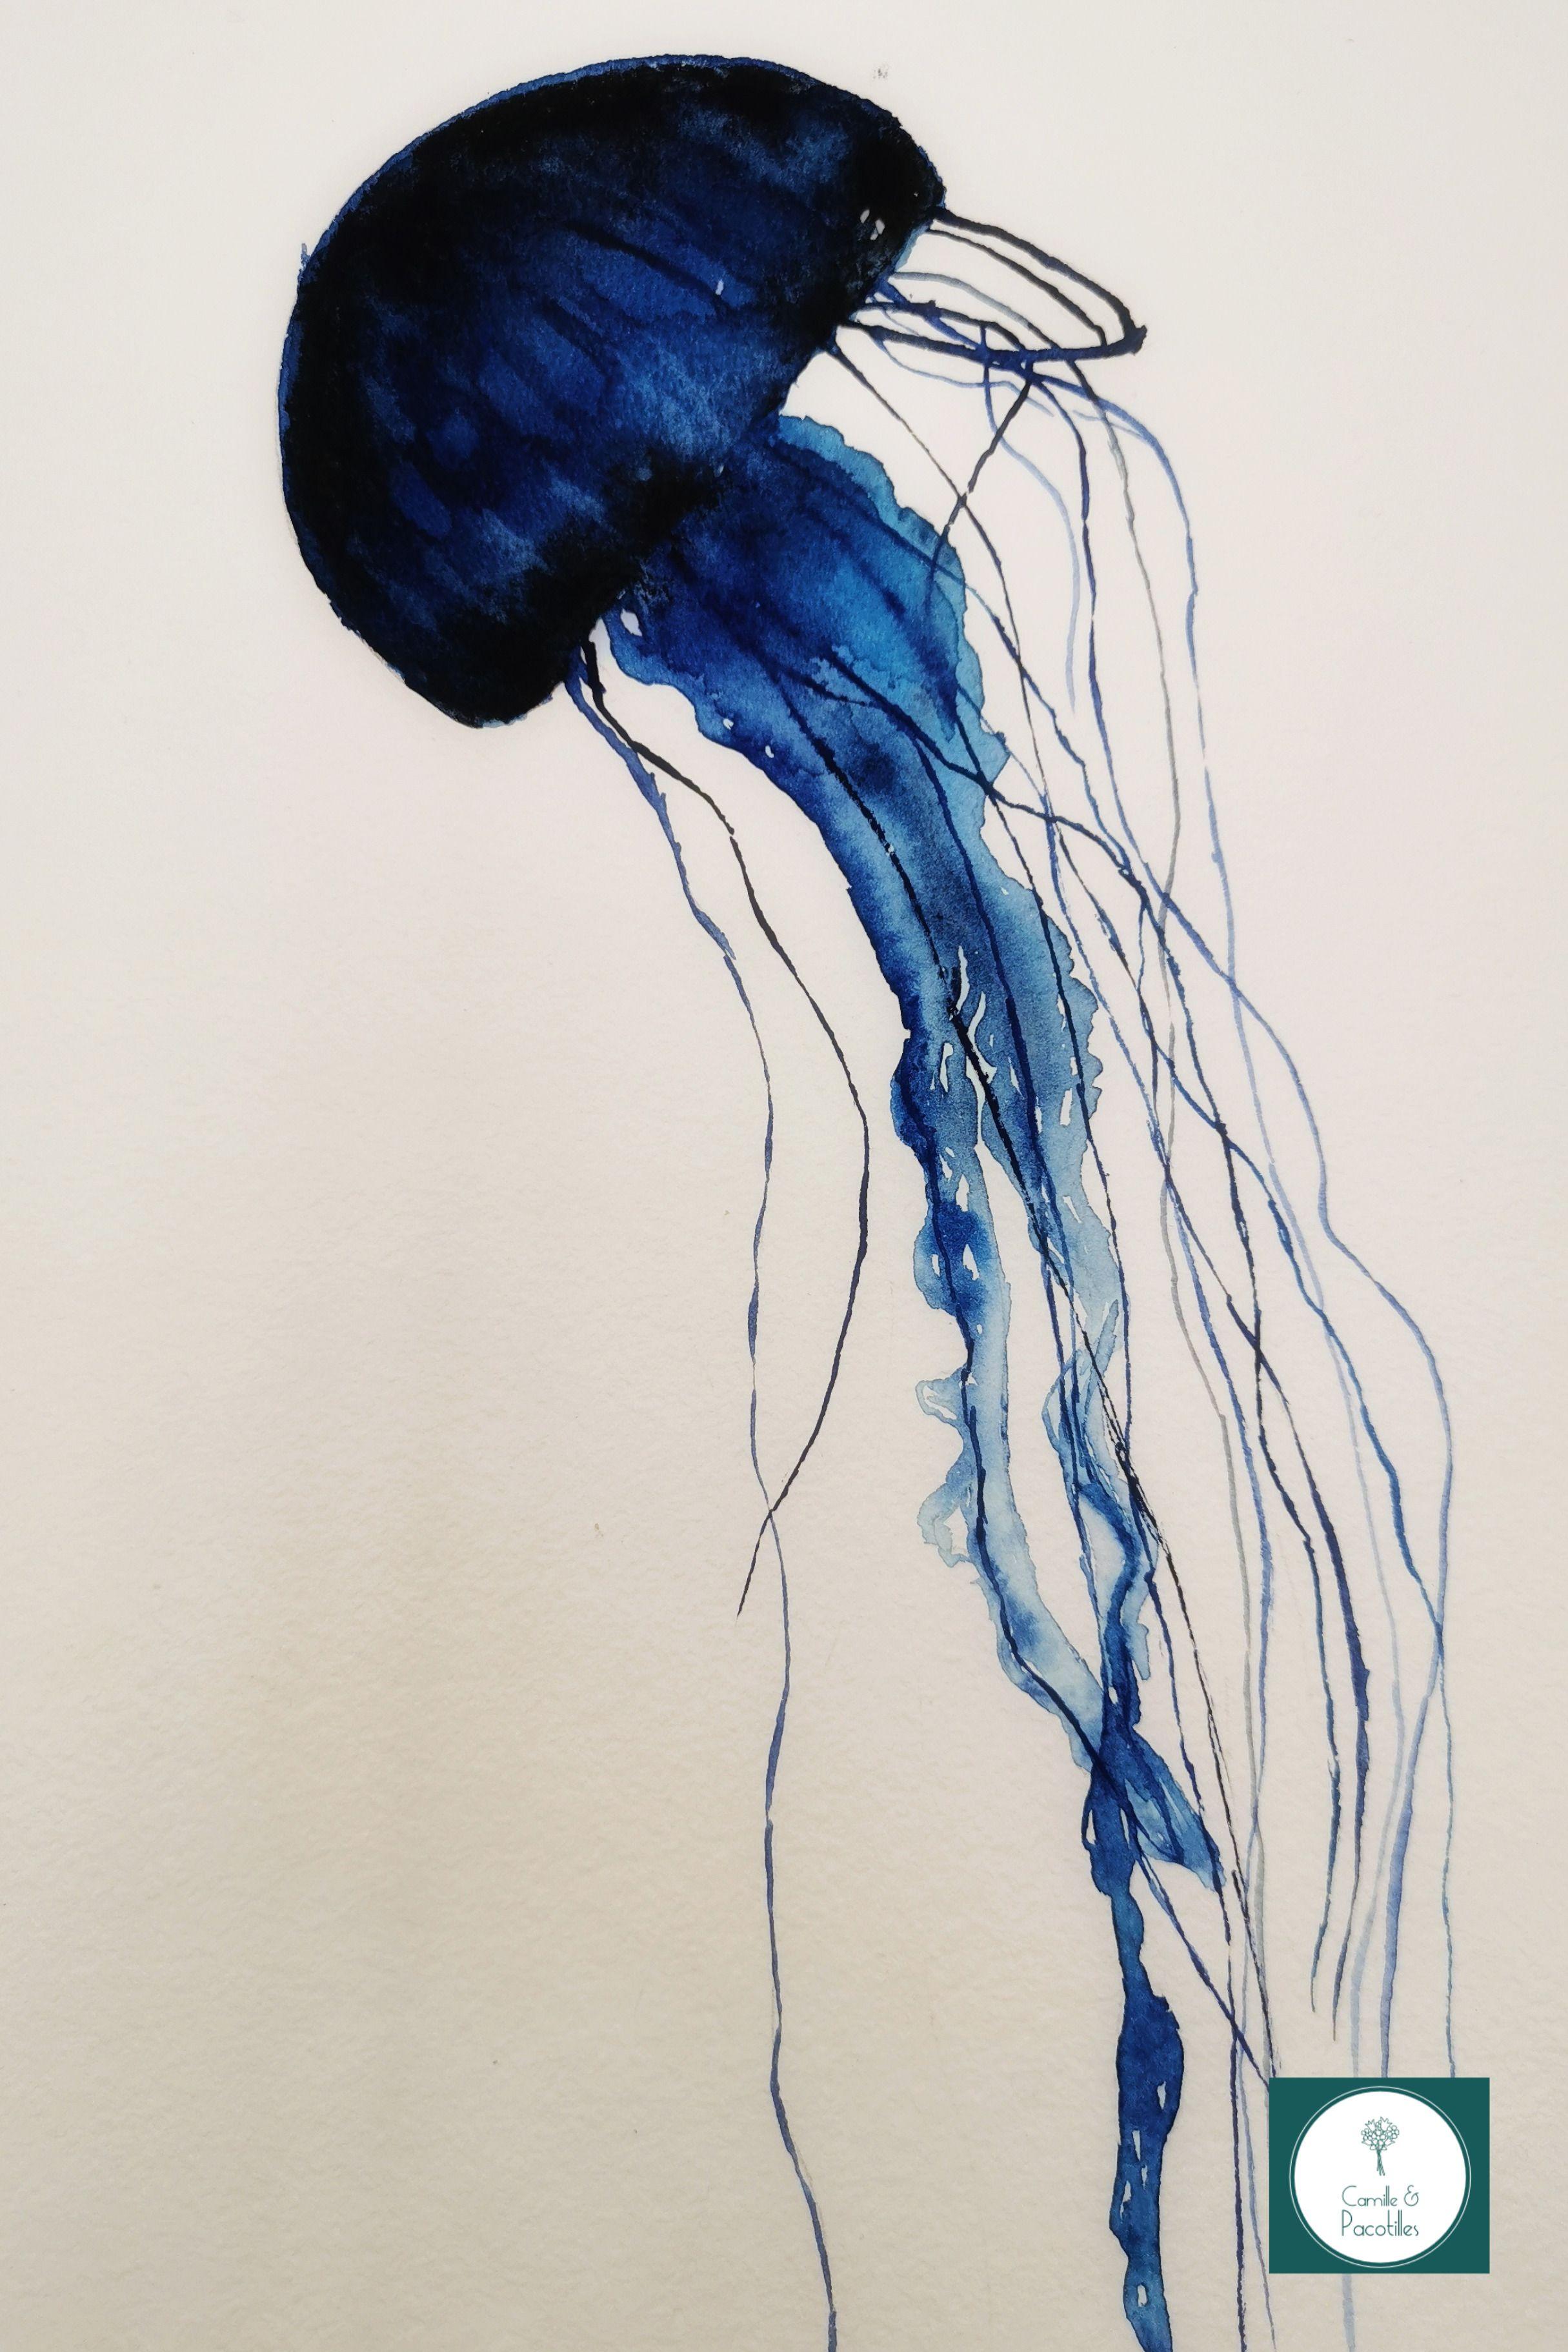 Aquarelle méduse bleu Sennelier et encre de chine. Papier Léonardo hahnemühle (mon préféré- je vous prépare un article sur mon matériel :))  Pour celle-ci j'ai préféré la faire sans fond pour lui donner un aspect plus graphique et nébuleux.